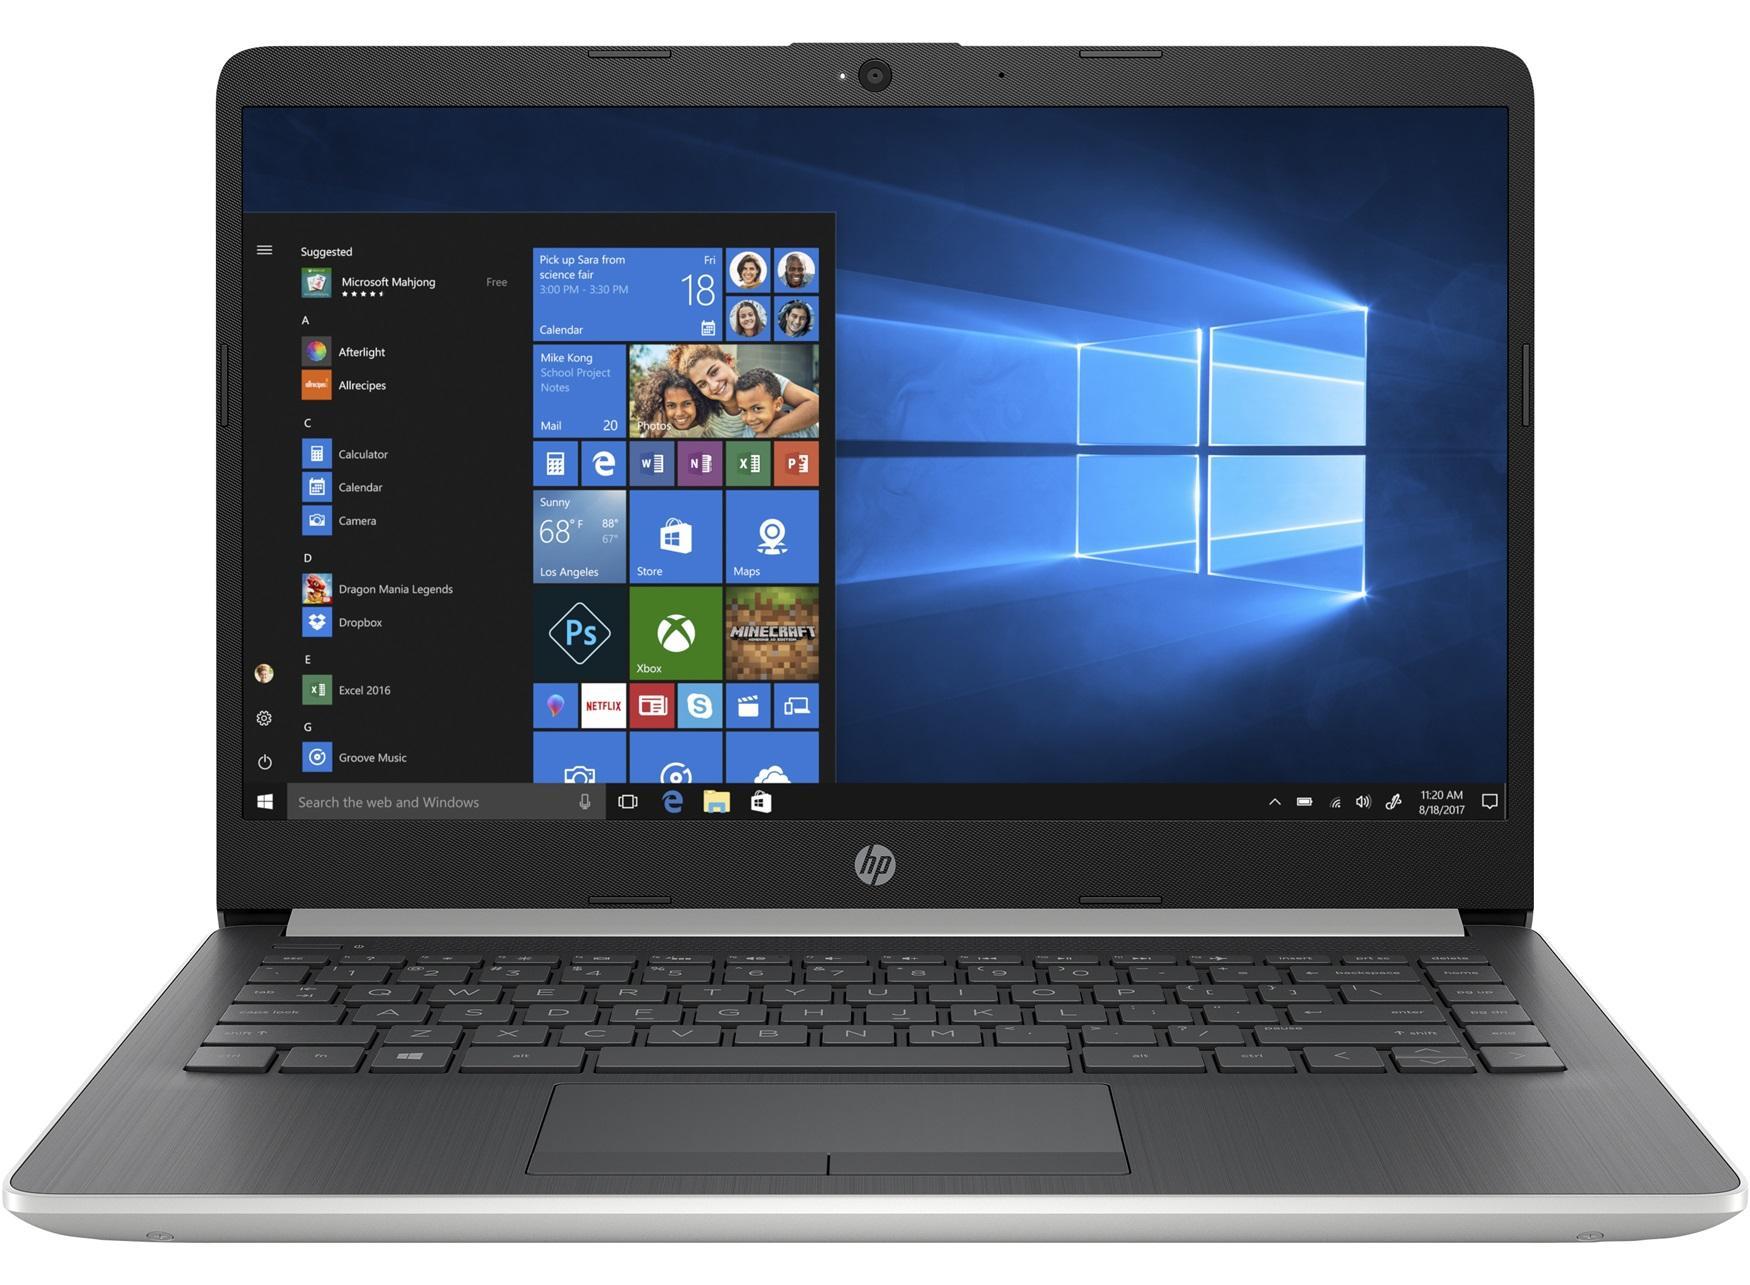 HP 14S-CF0035TX (8th Gen Intel i5-8250U Processor, 8GB RAM, AMD Radeon 530  2GB GDDR5, 1TB HDD)